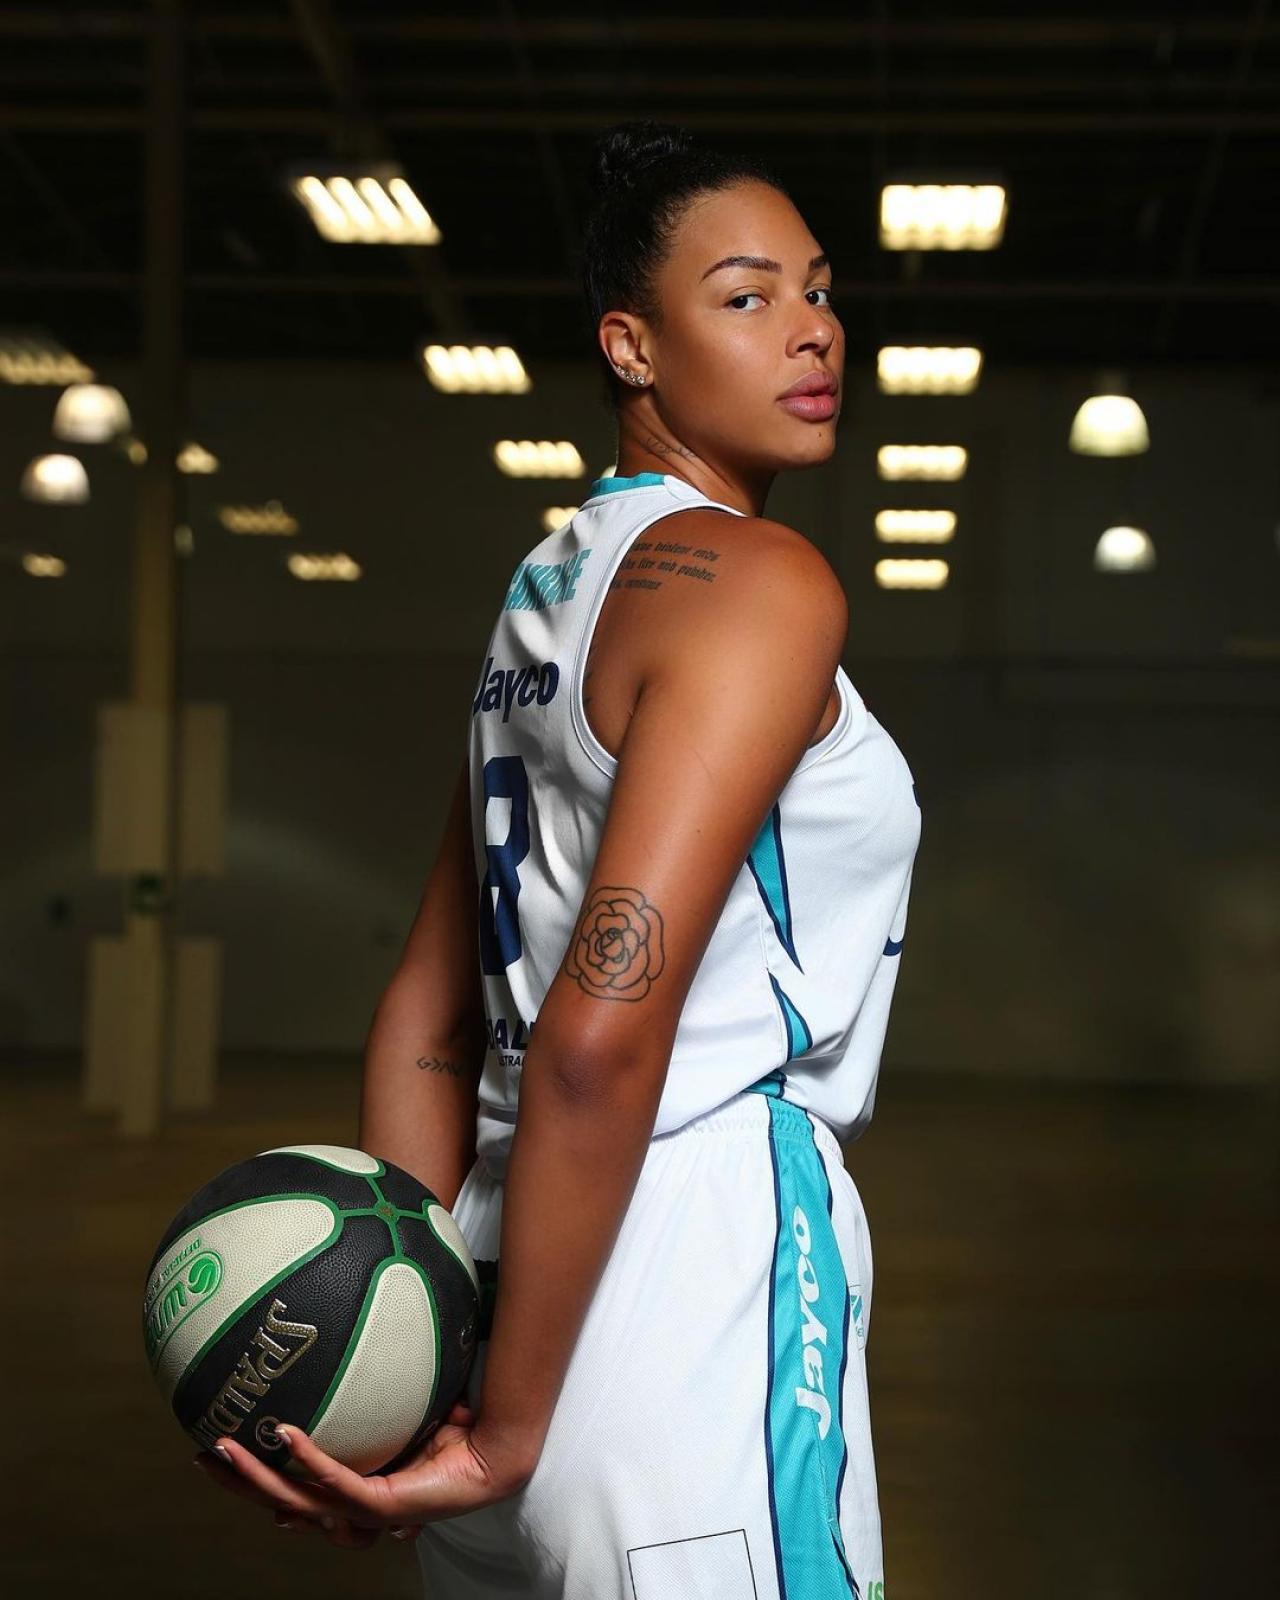 Двухметровая баскетболистка покоряет и мир моды Всячина